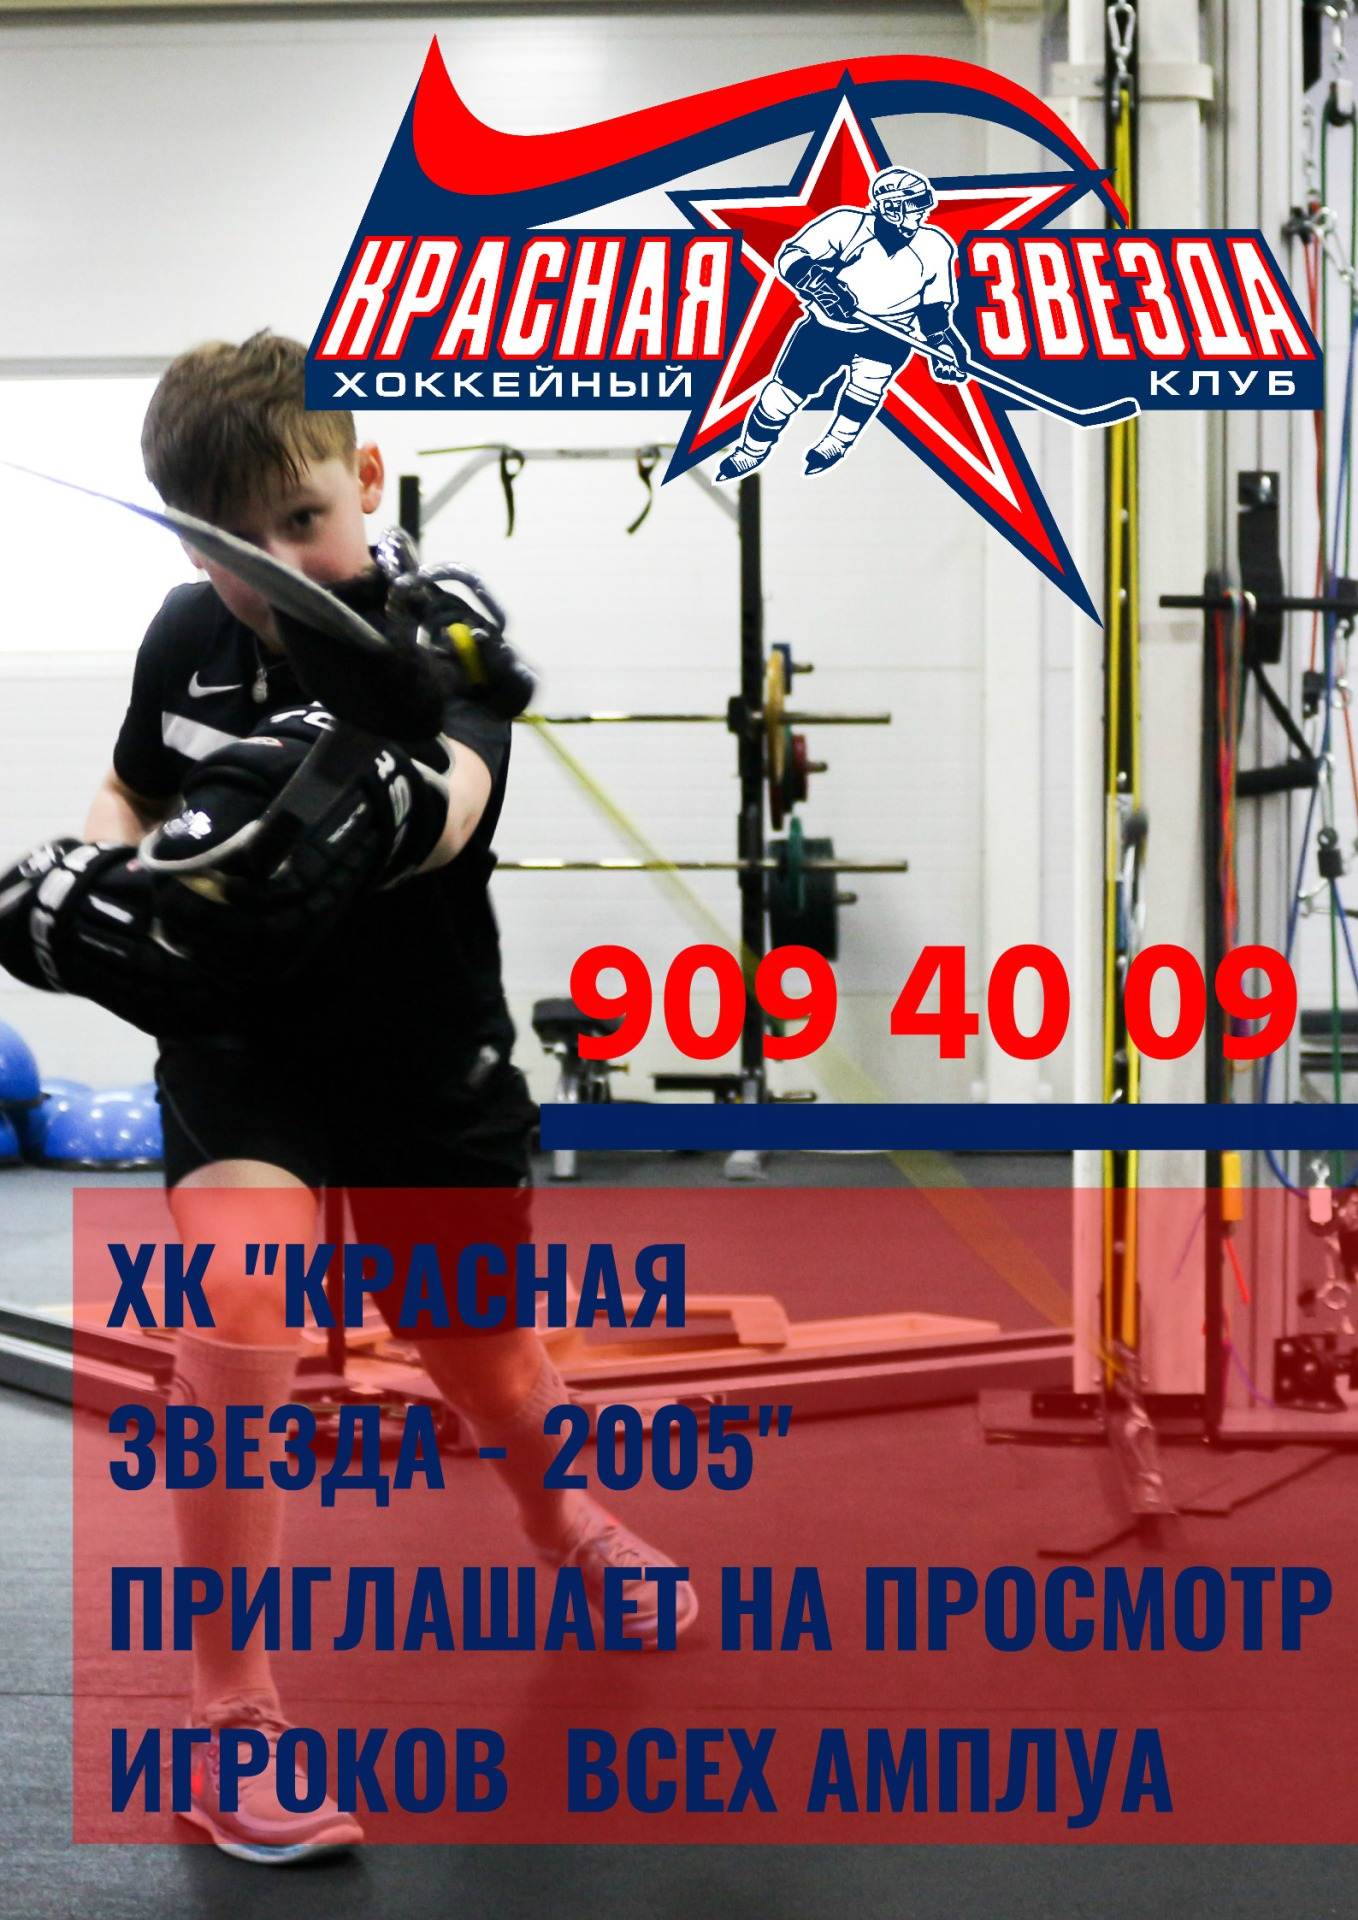 """ПРОСМОТР ИГРОКОВ В ХК """"КРАСНАЯ ЗВЕЗДА - 2005"""""""